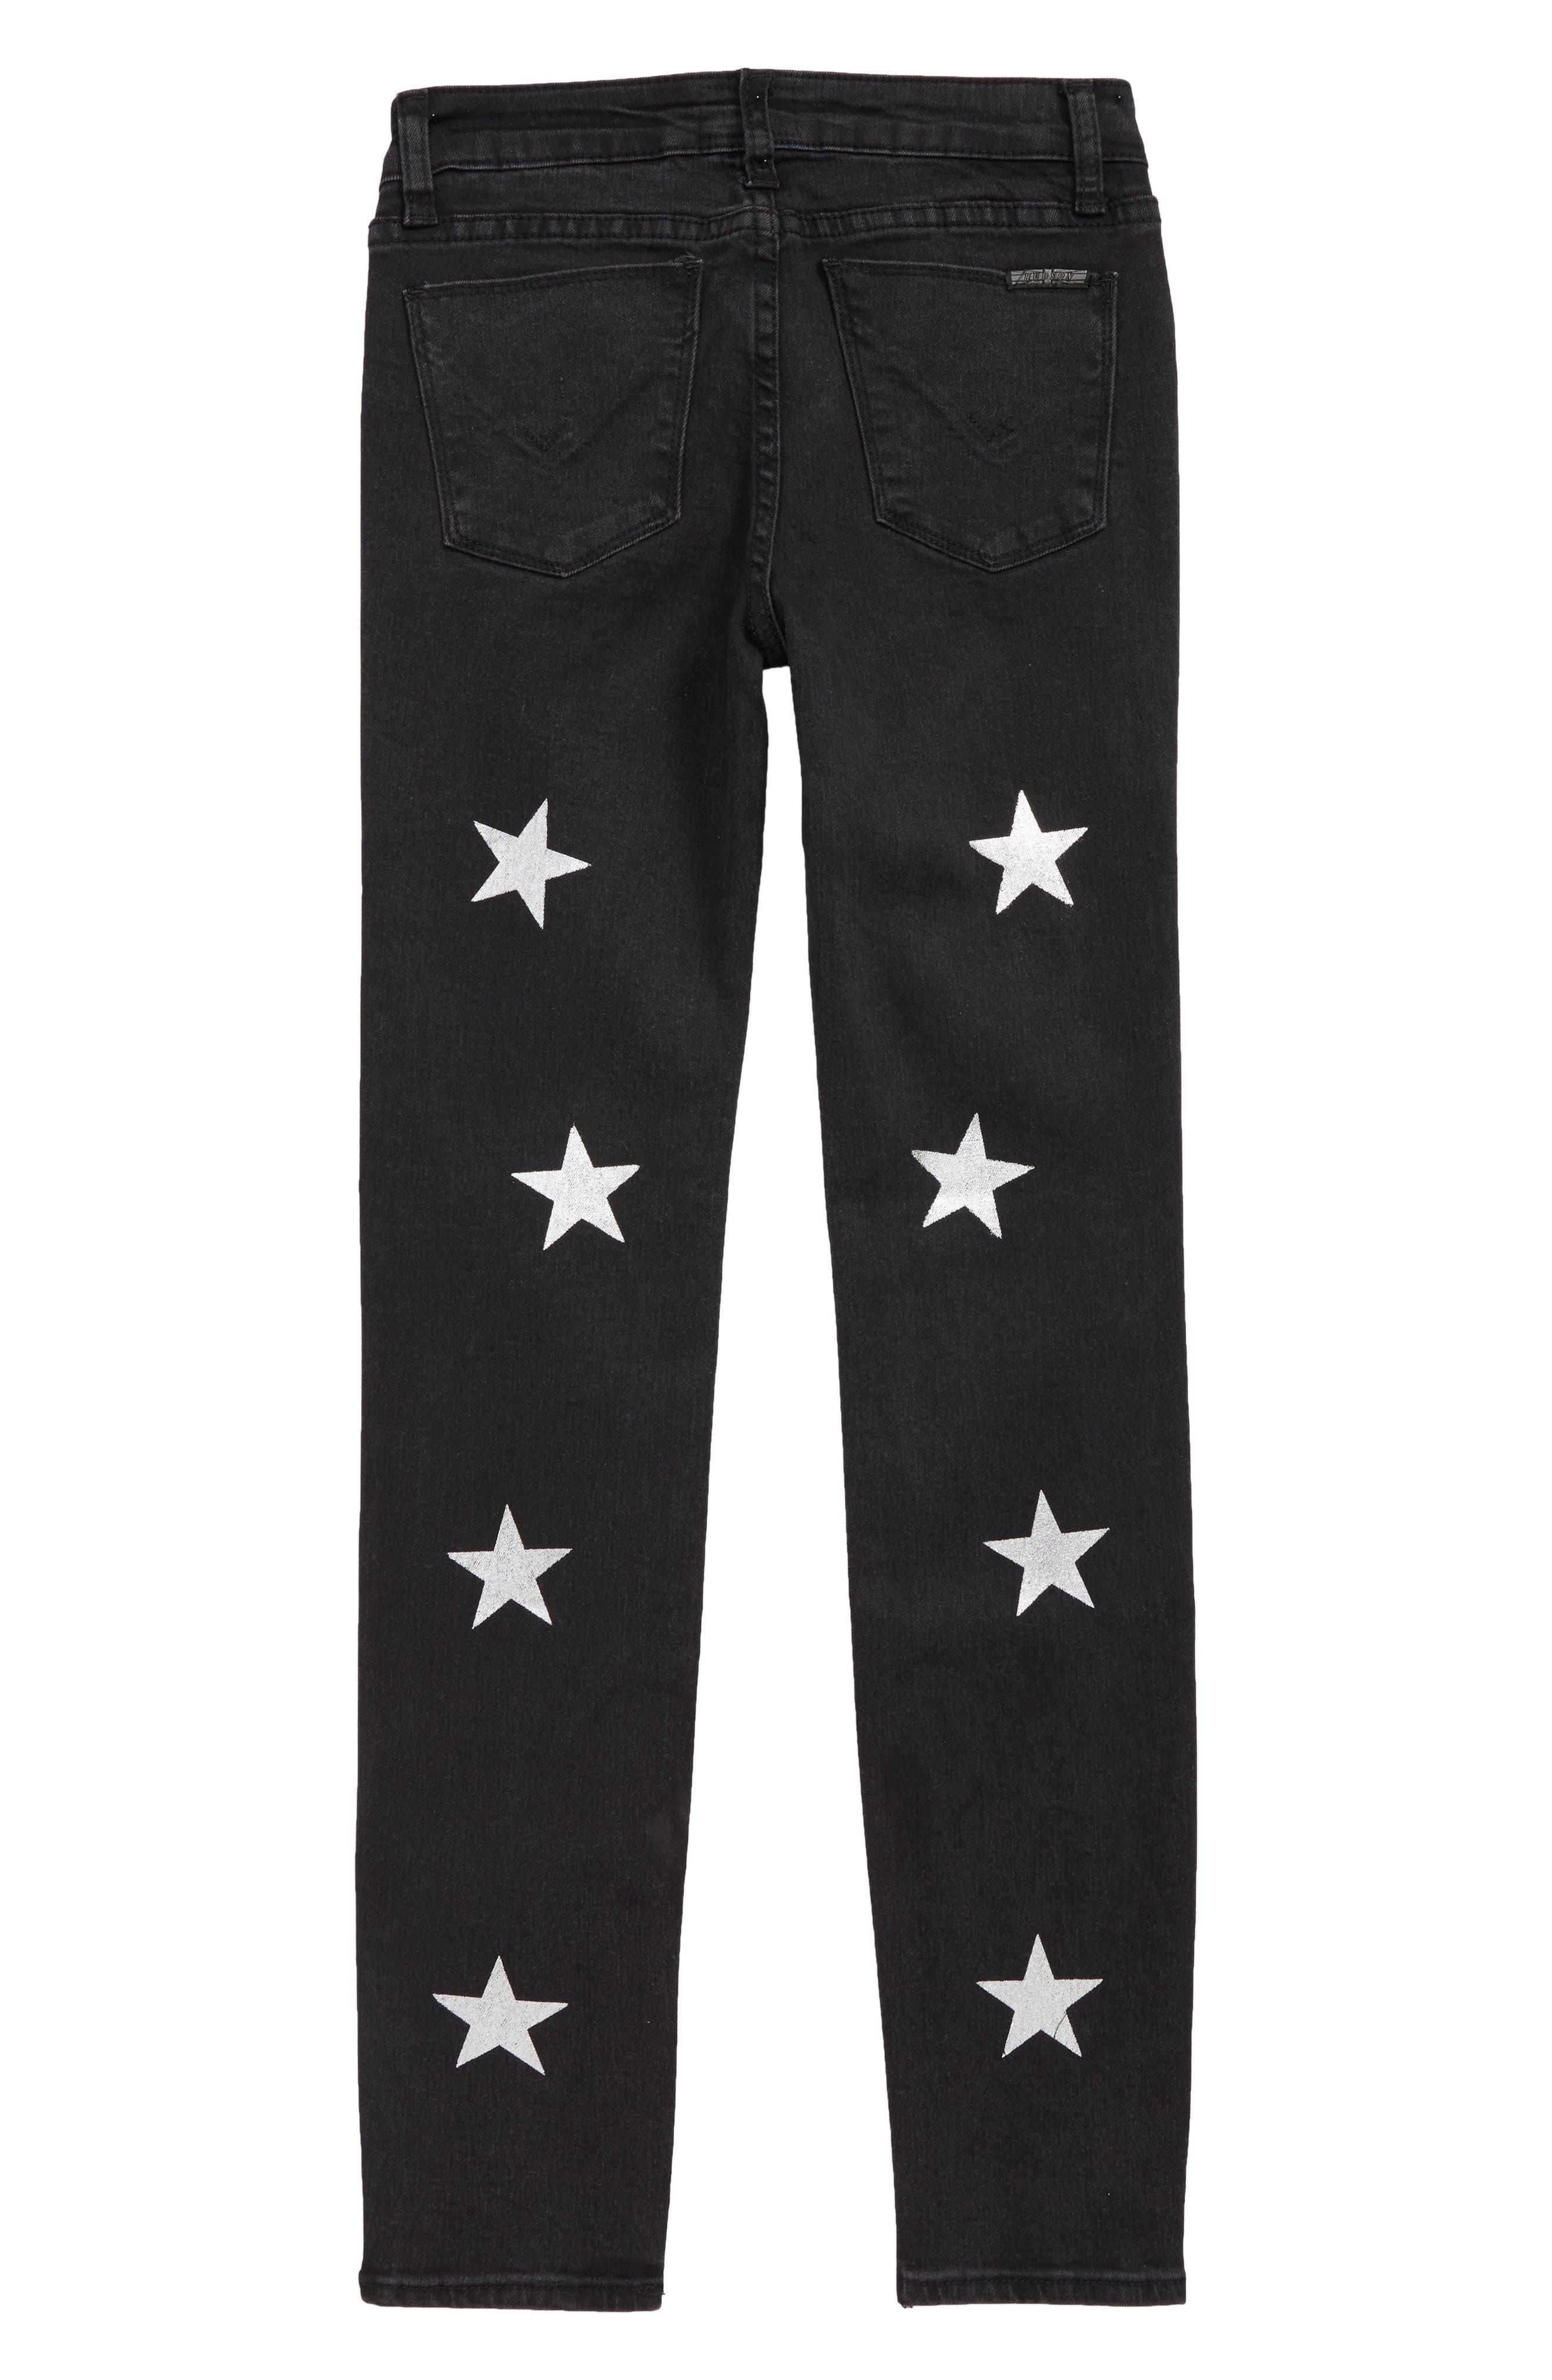 Jolene Star Skinny Jeans,                             Alternate thumbnail 2, color,                             017